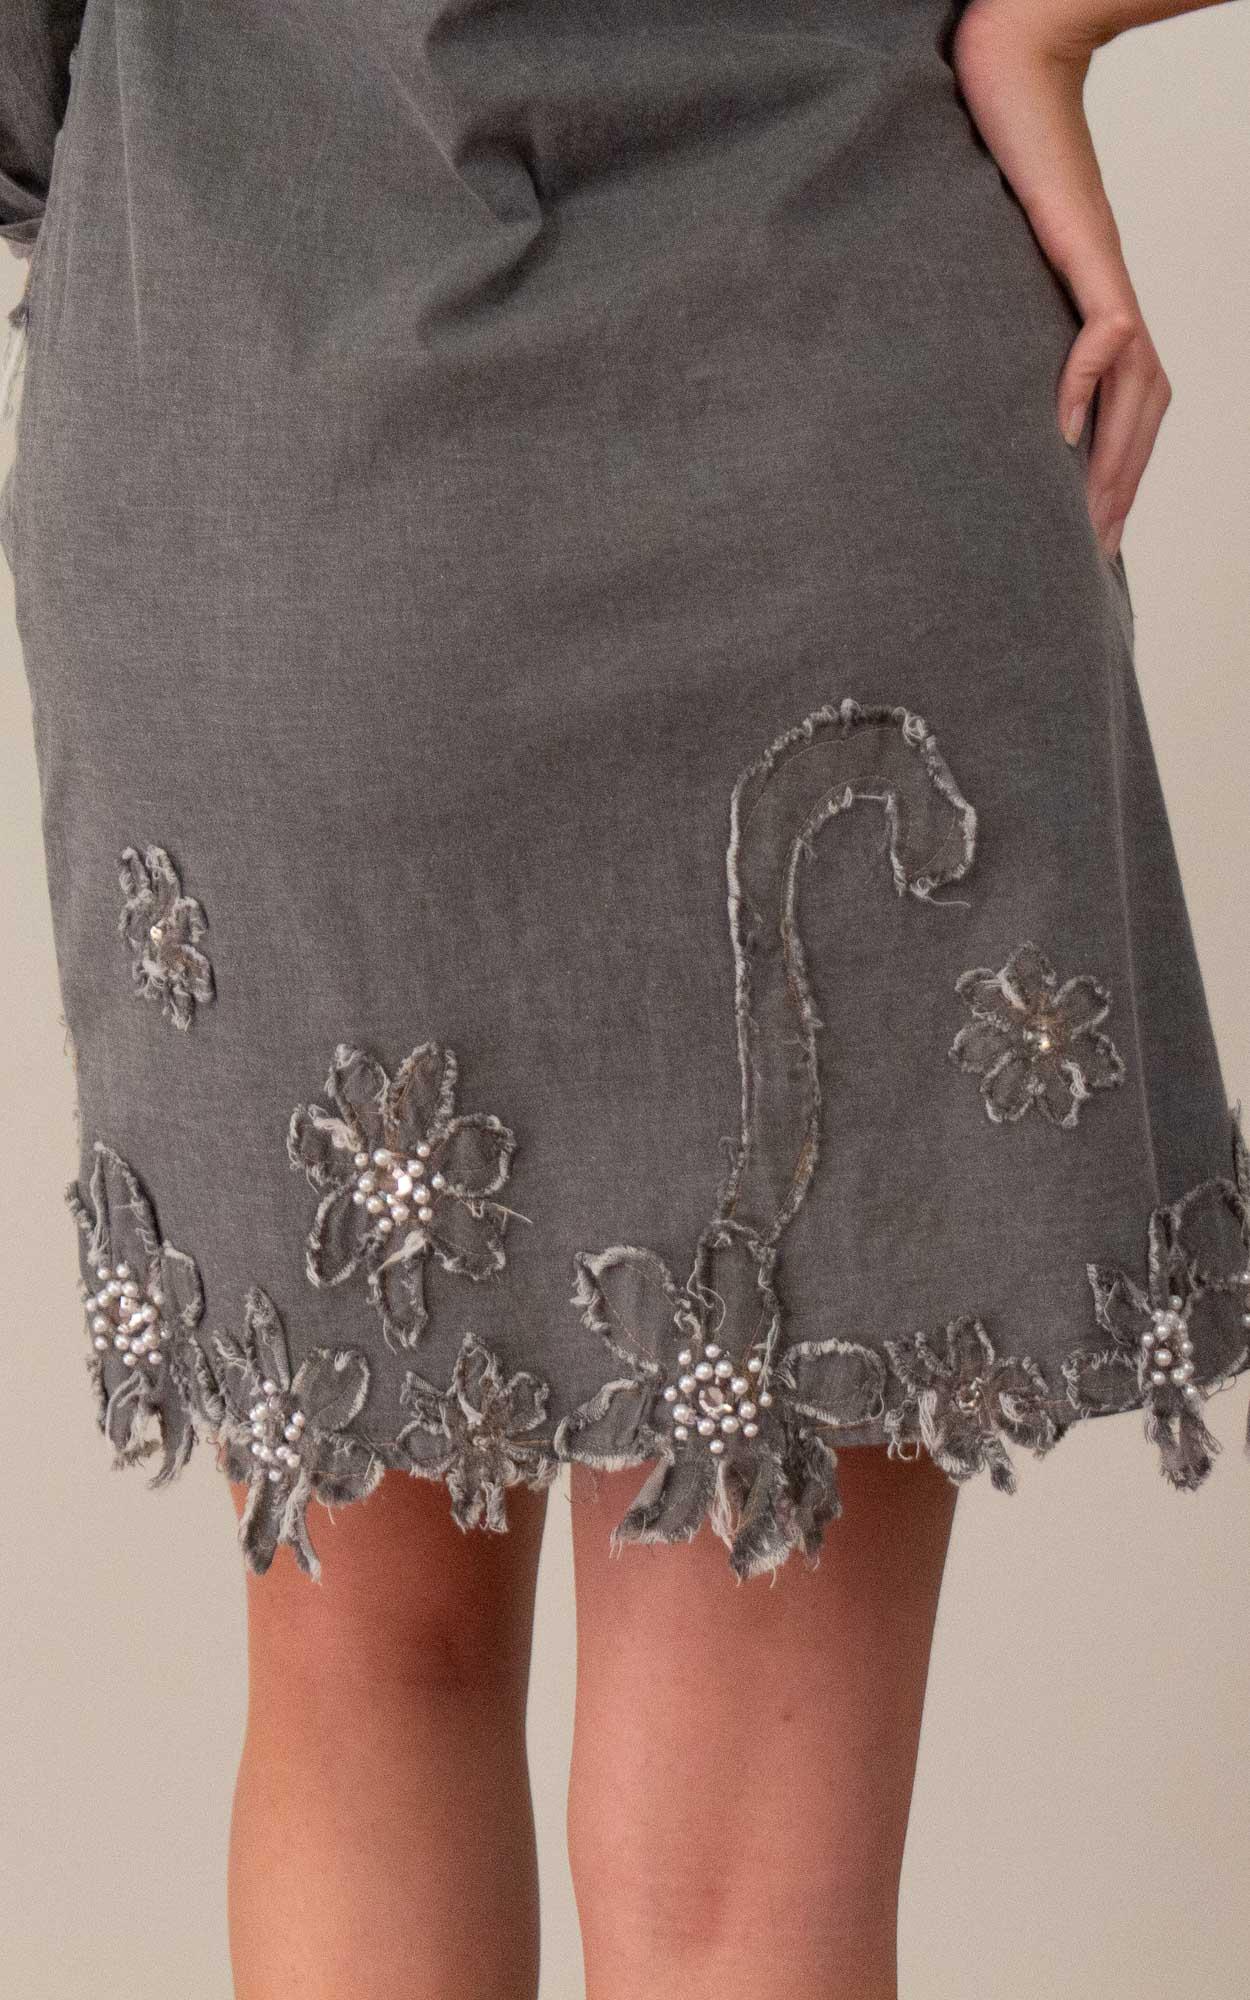 Vestido jeans com detalhes em flores e pedrarias